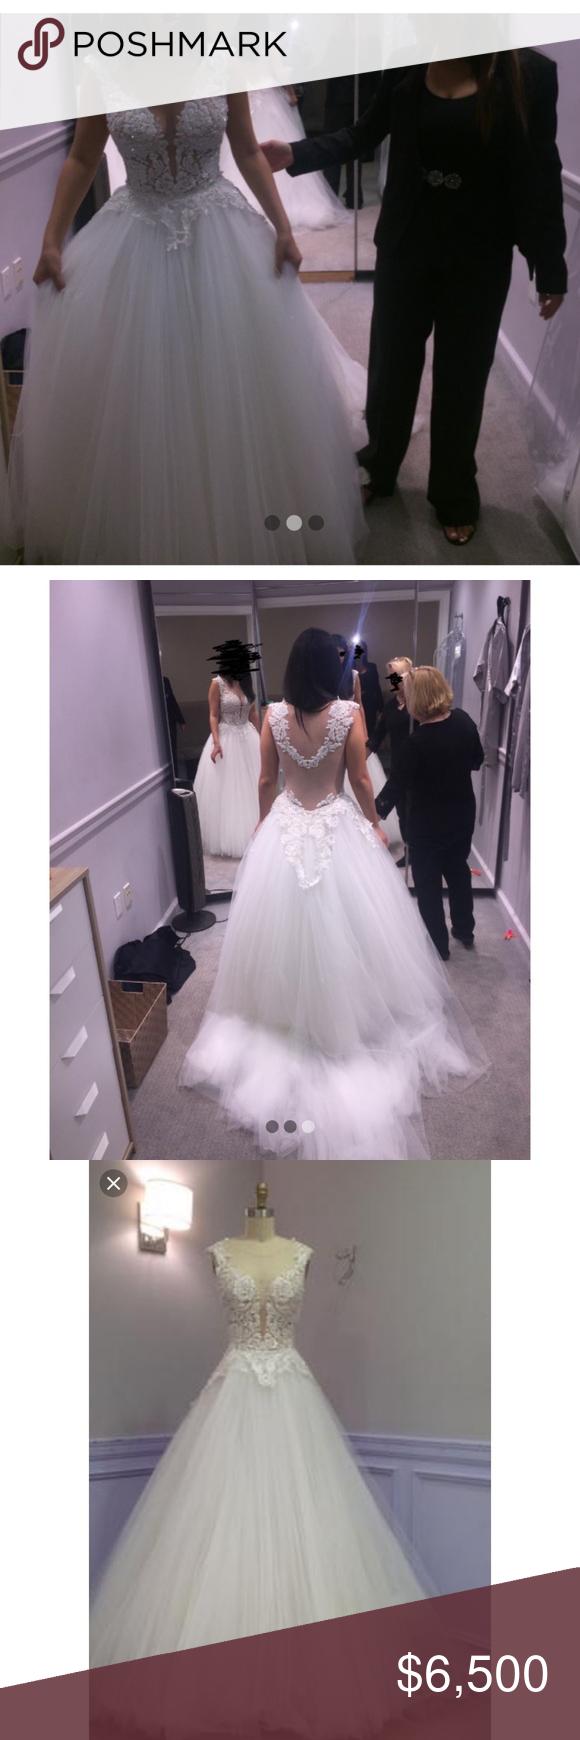 Pnina Tornia Wedding Dress Ball Gown Size 200/20   Ball gown wedding ...